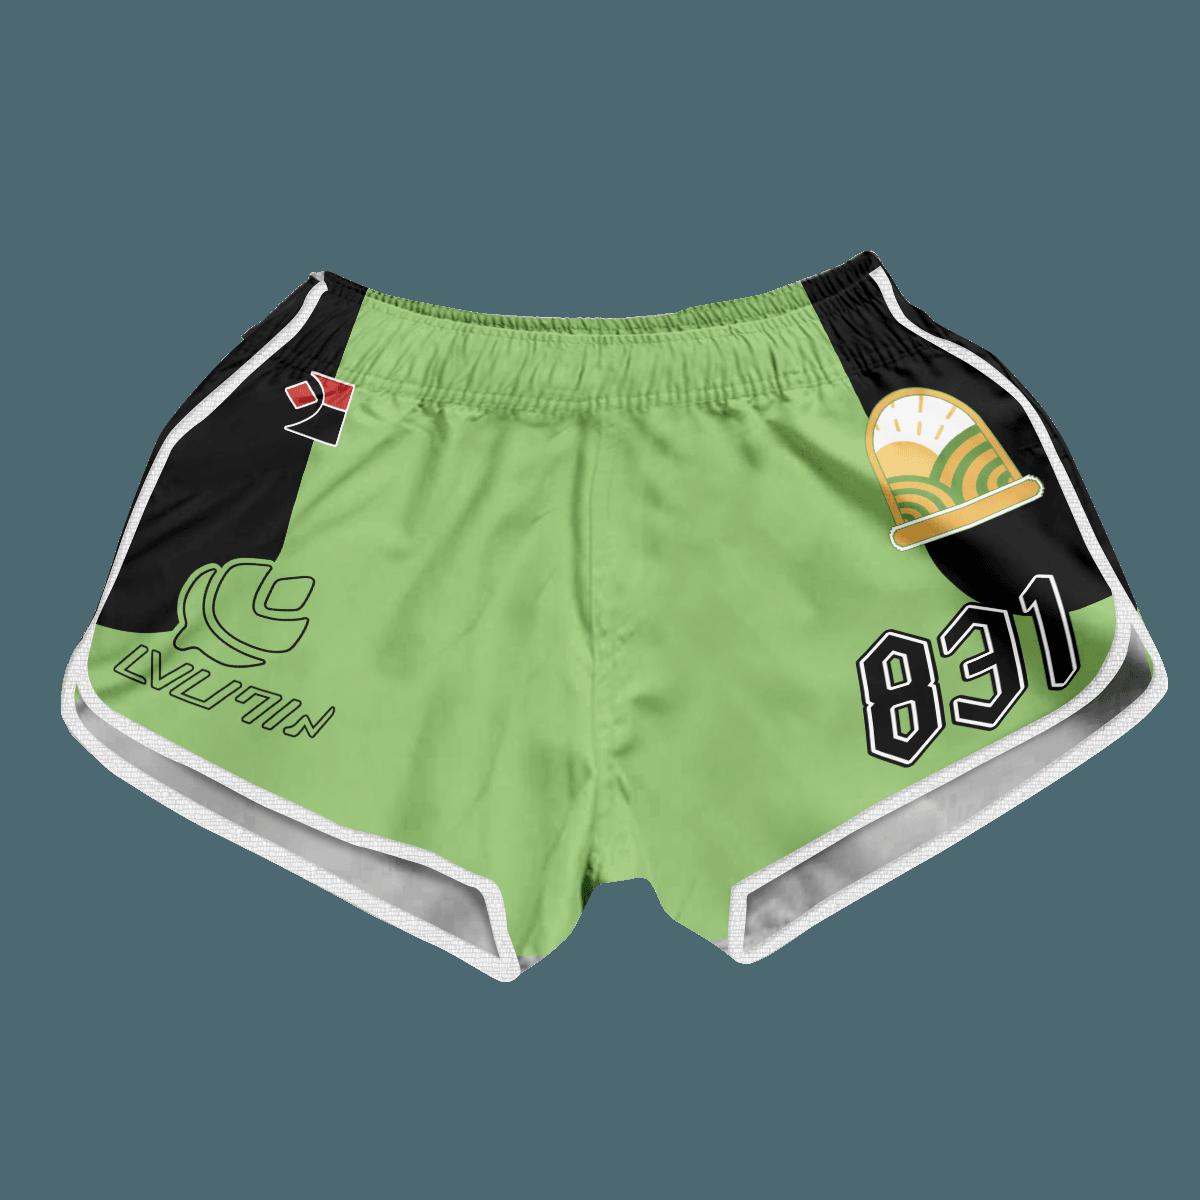 Pokemon Grass Uniform Women Beach Shorts FDM3107 XS Official Anime Swimsuit Merch